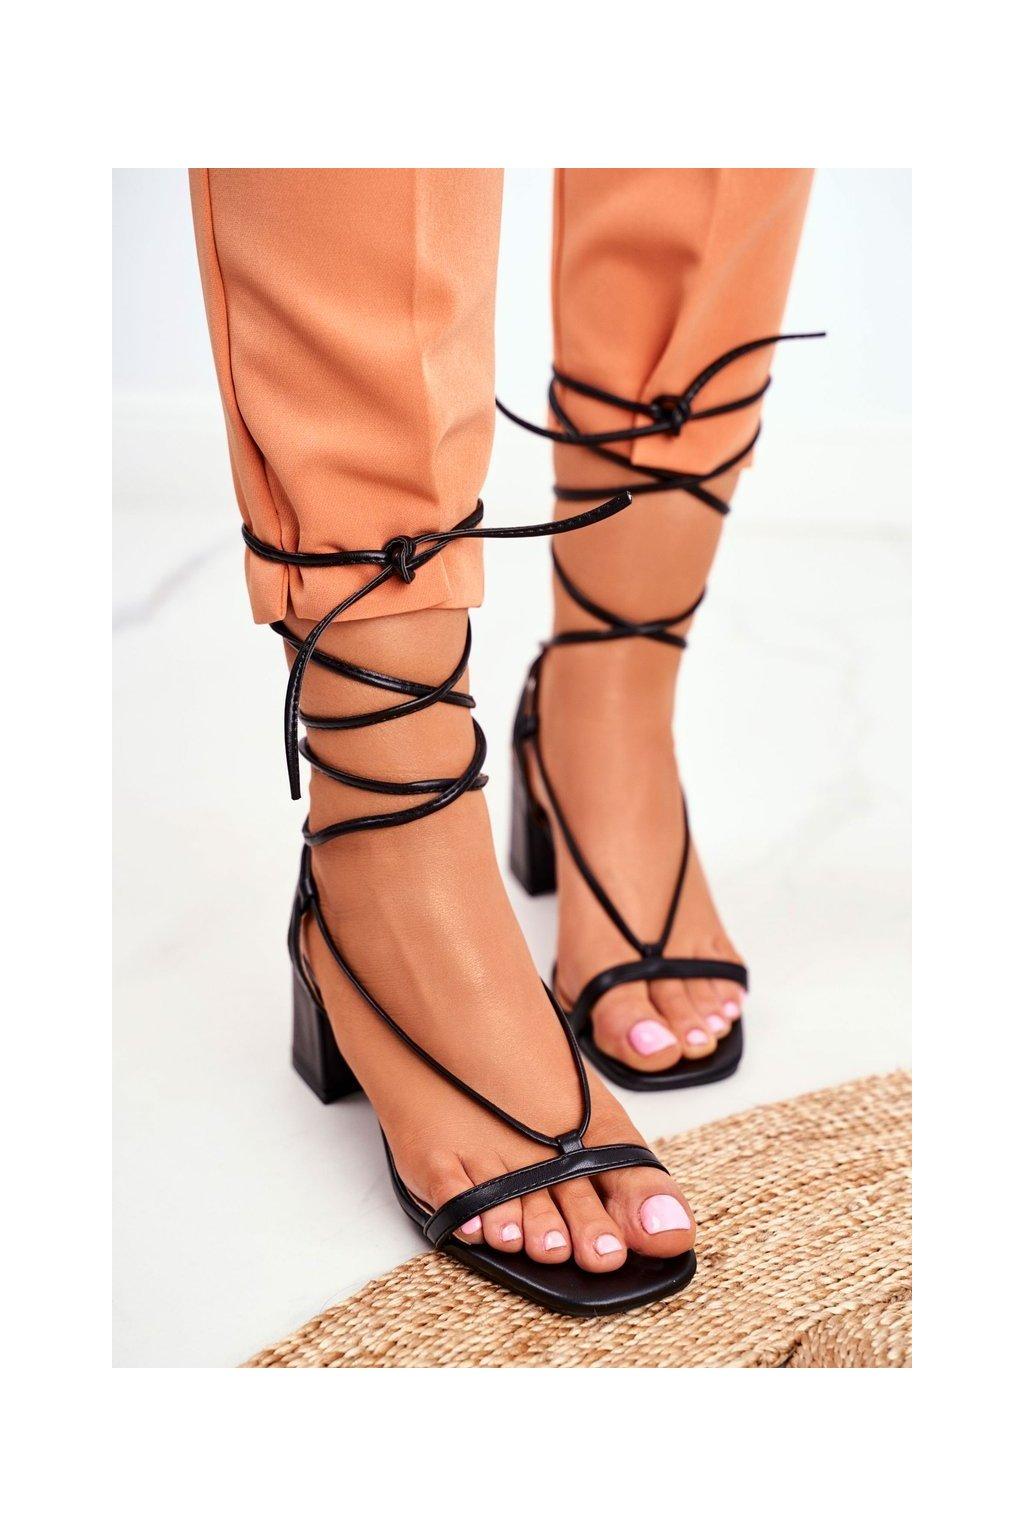 Dámske Sandále na podpätku Šnerované čierne Morning